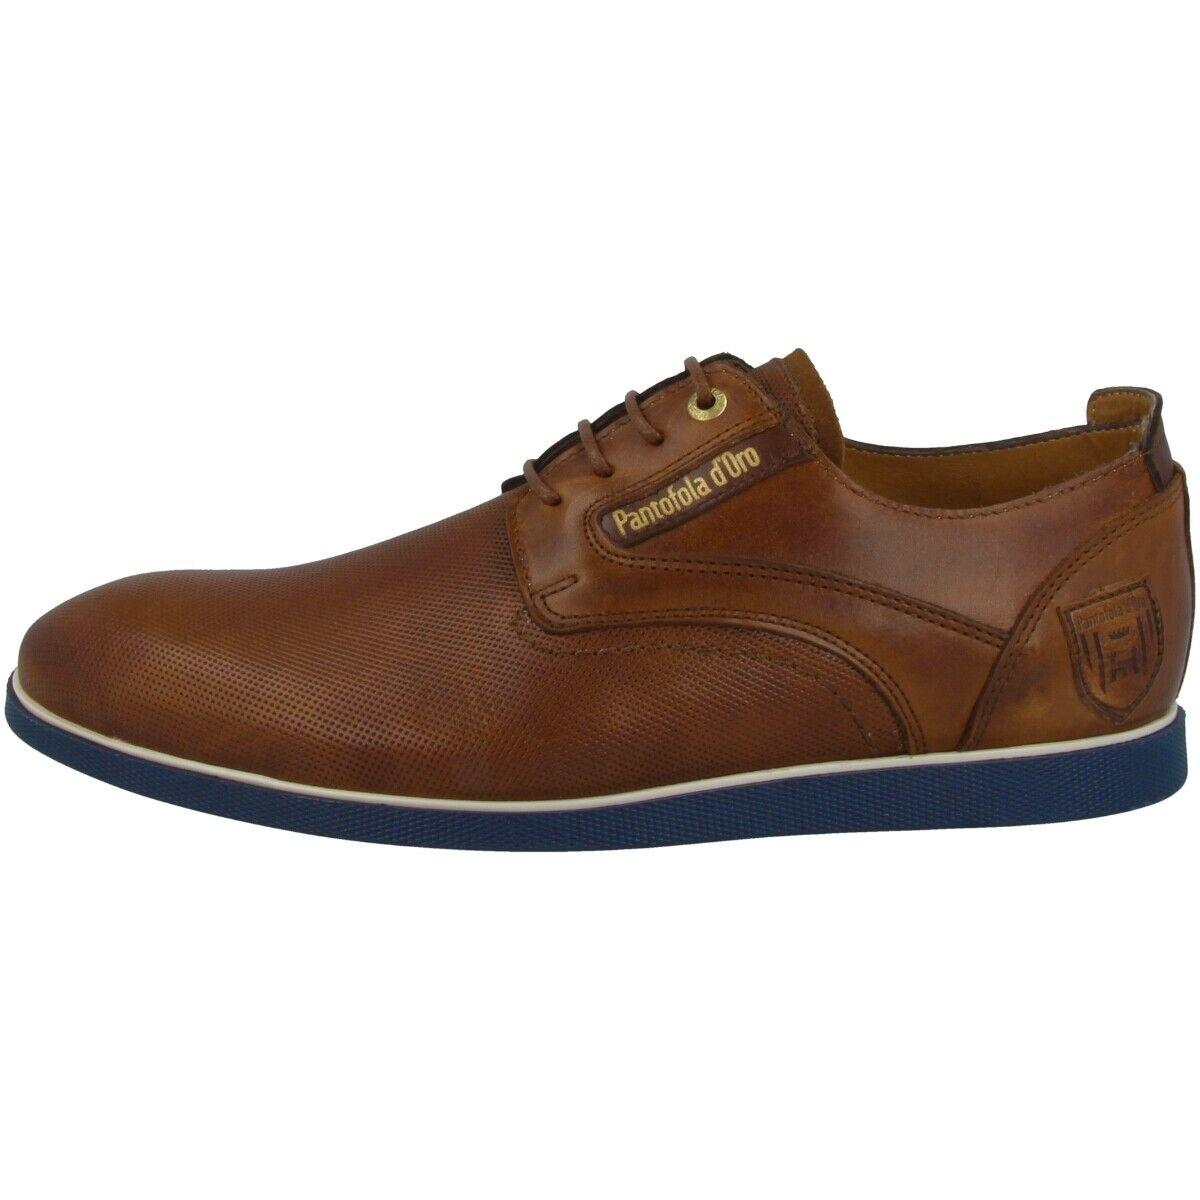 Pantofola d Gold Urbino herren Low Schuhe Schuhe Schuhe Halbschuhe Business Schnürer 10193010.JCU cfbdeb